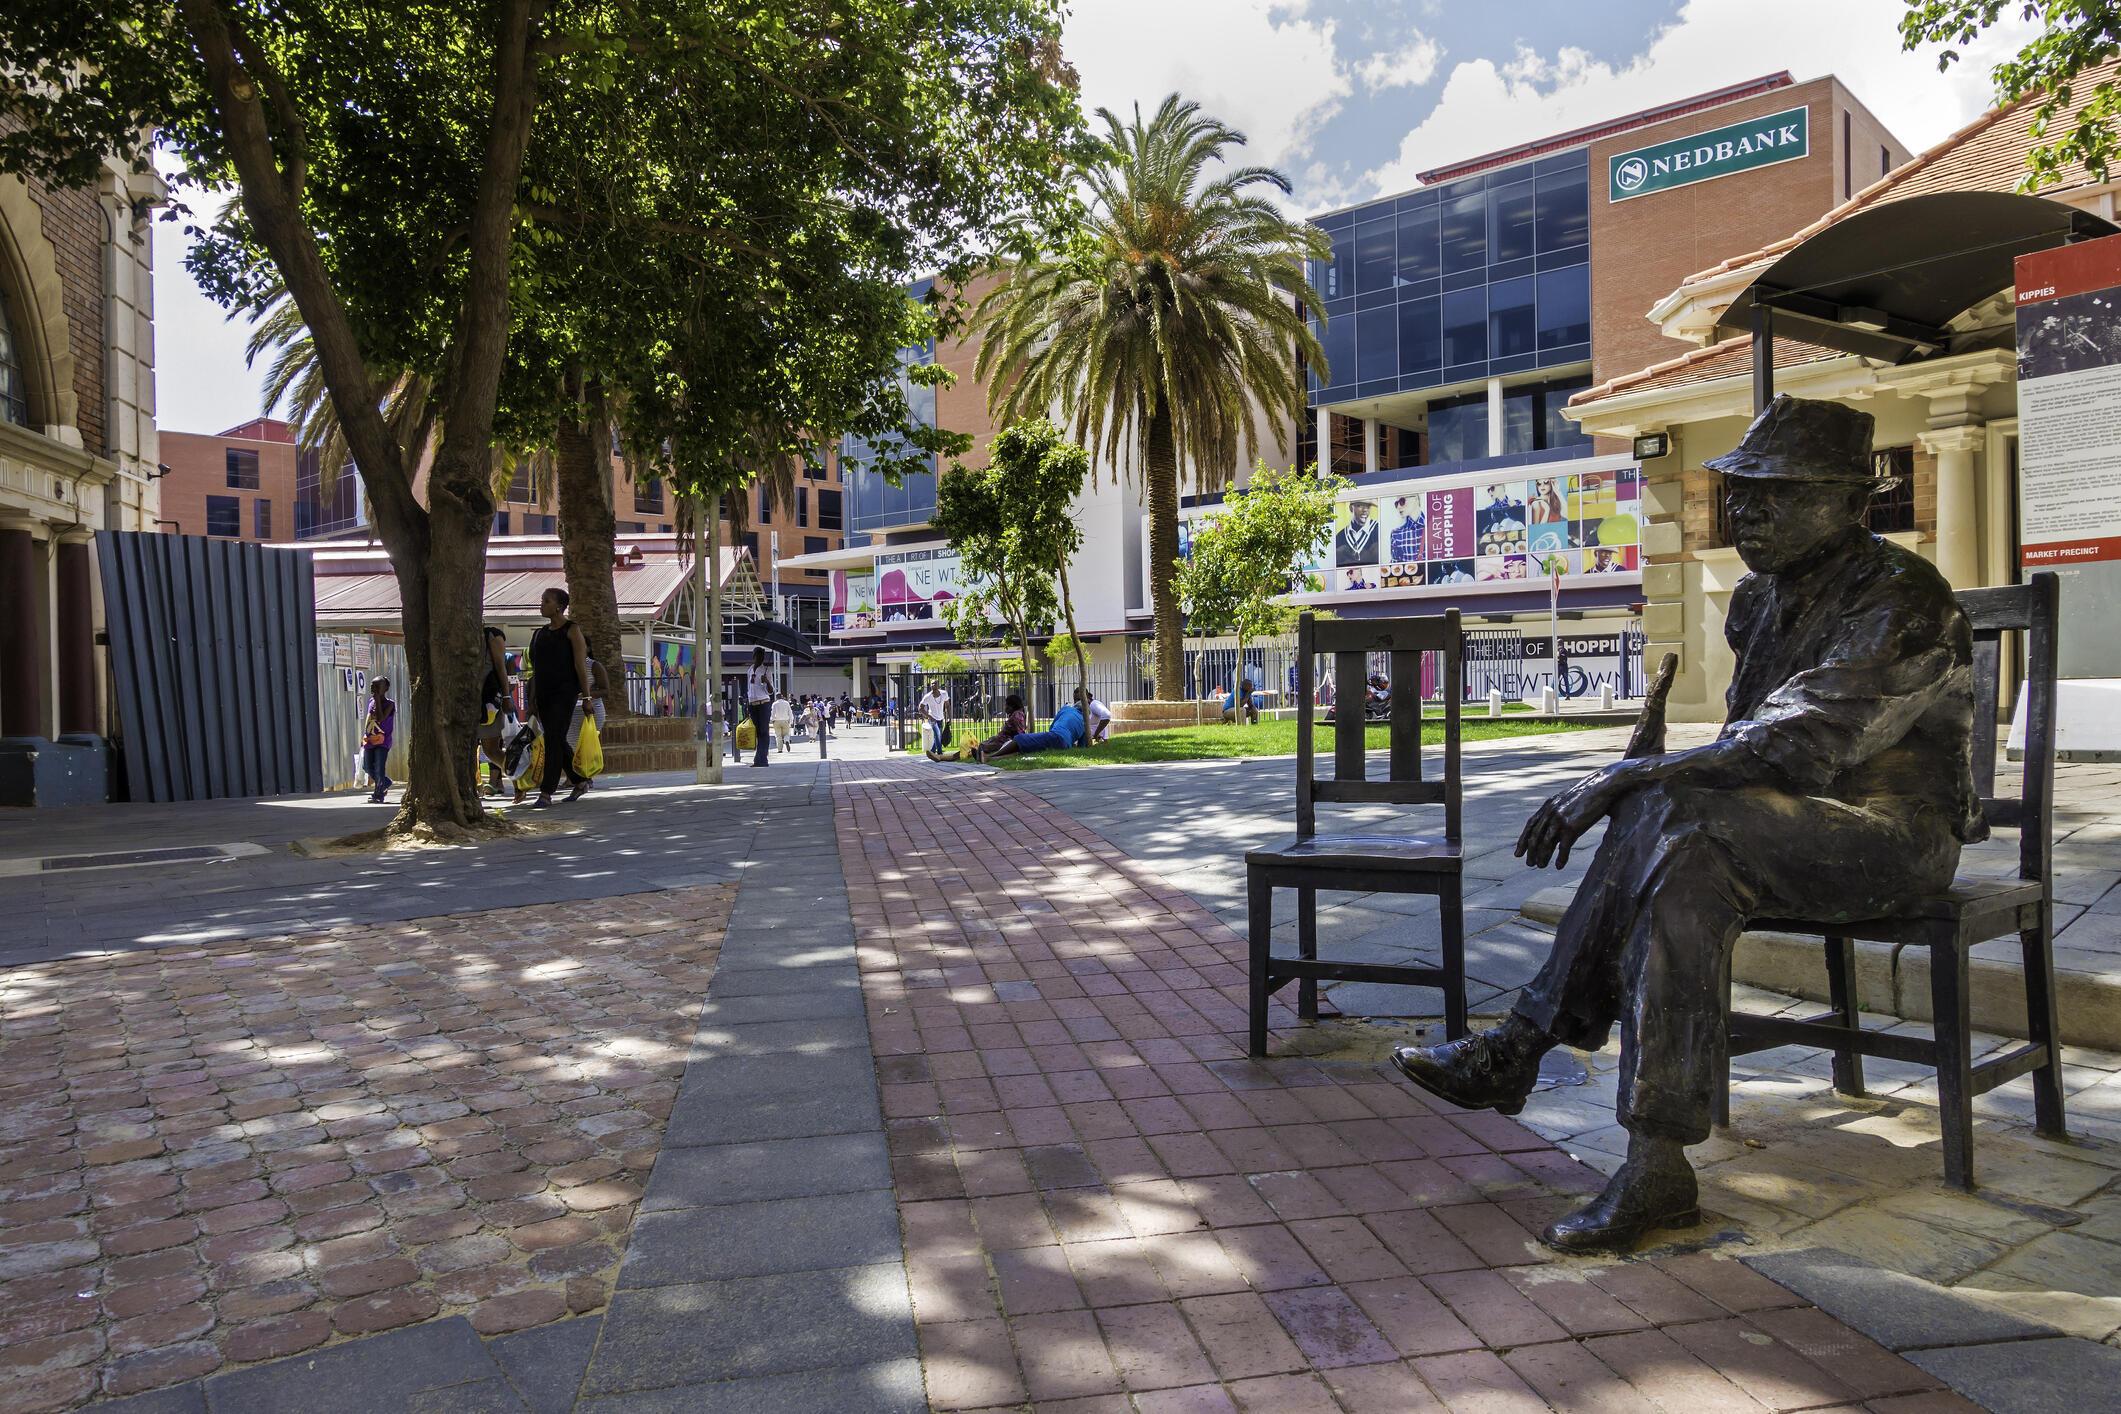 La statue de Kippie Moeketsi, joueur de jazz sud-africain à Johannesburg, en Afrique du Sud, le 20 décembre 2014 (image d'illustration).